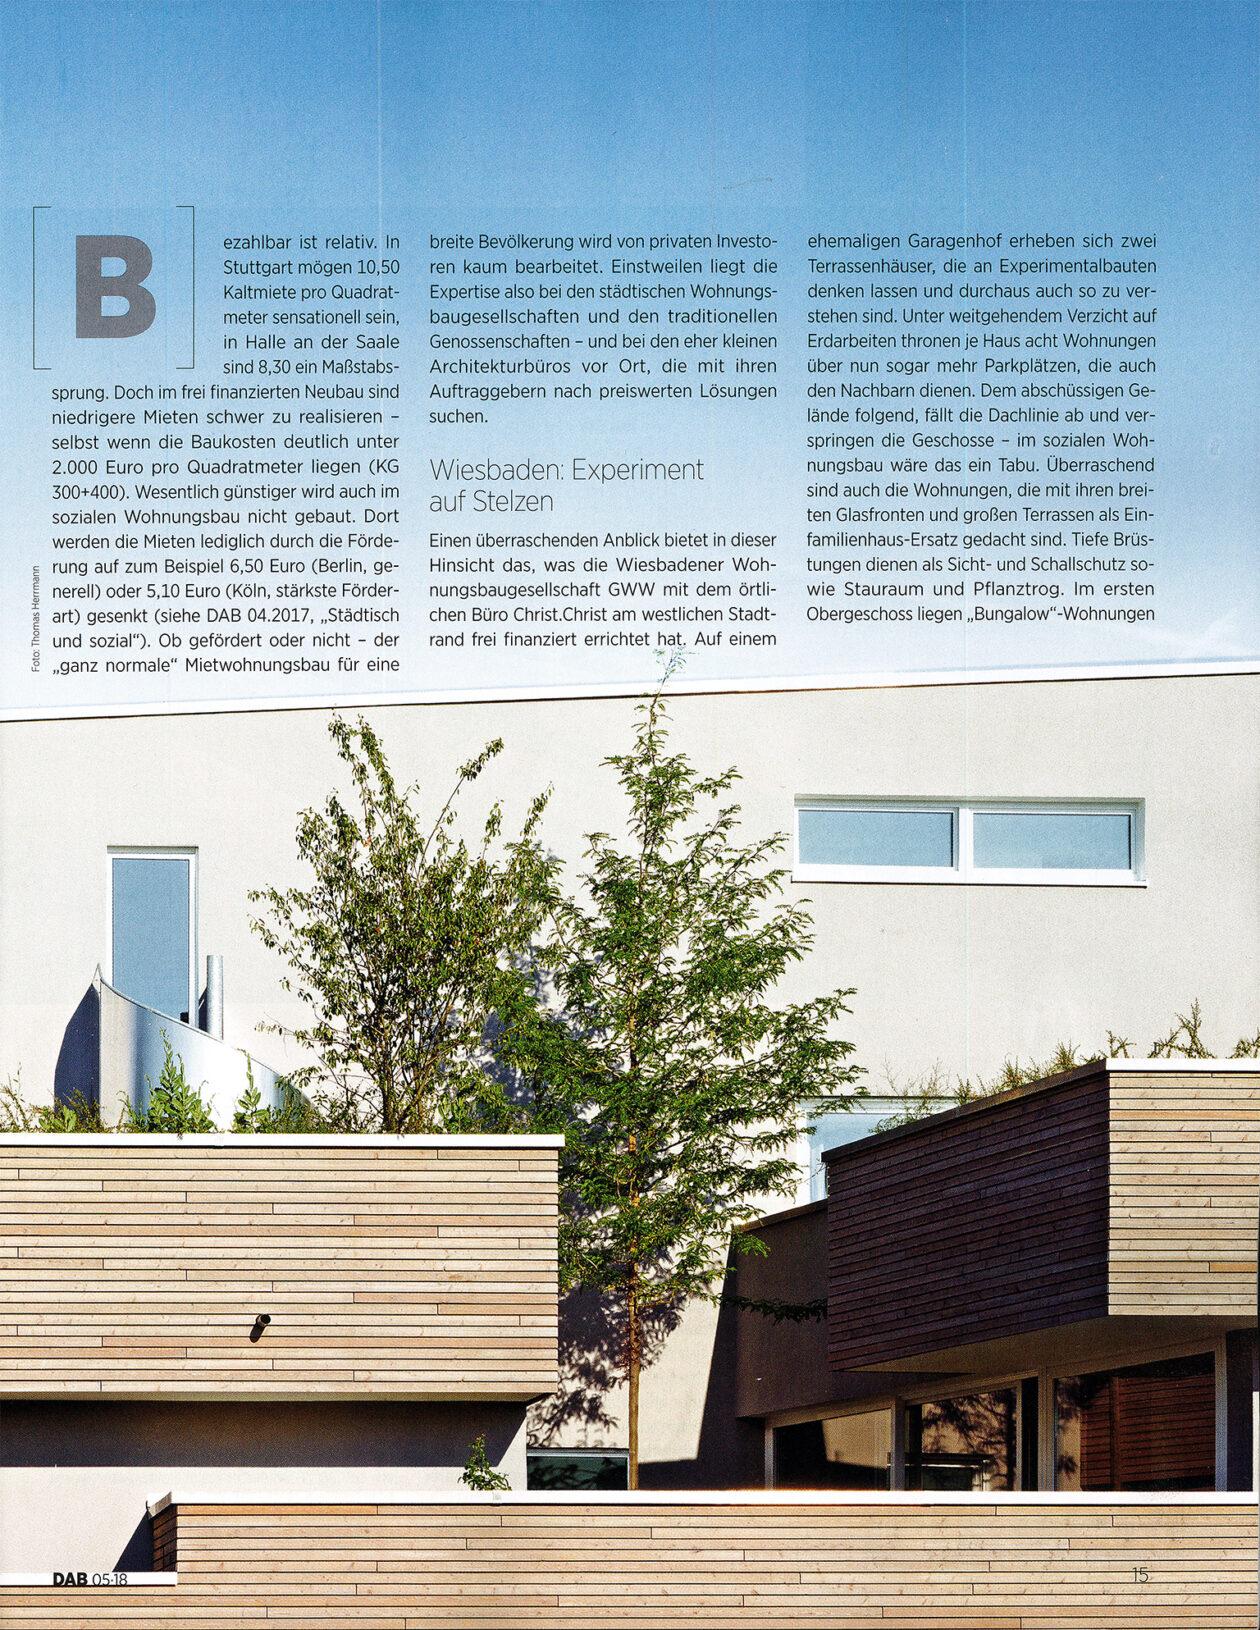 Deutsches Architektenblatt 03